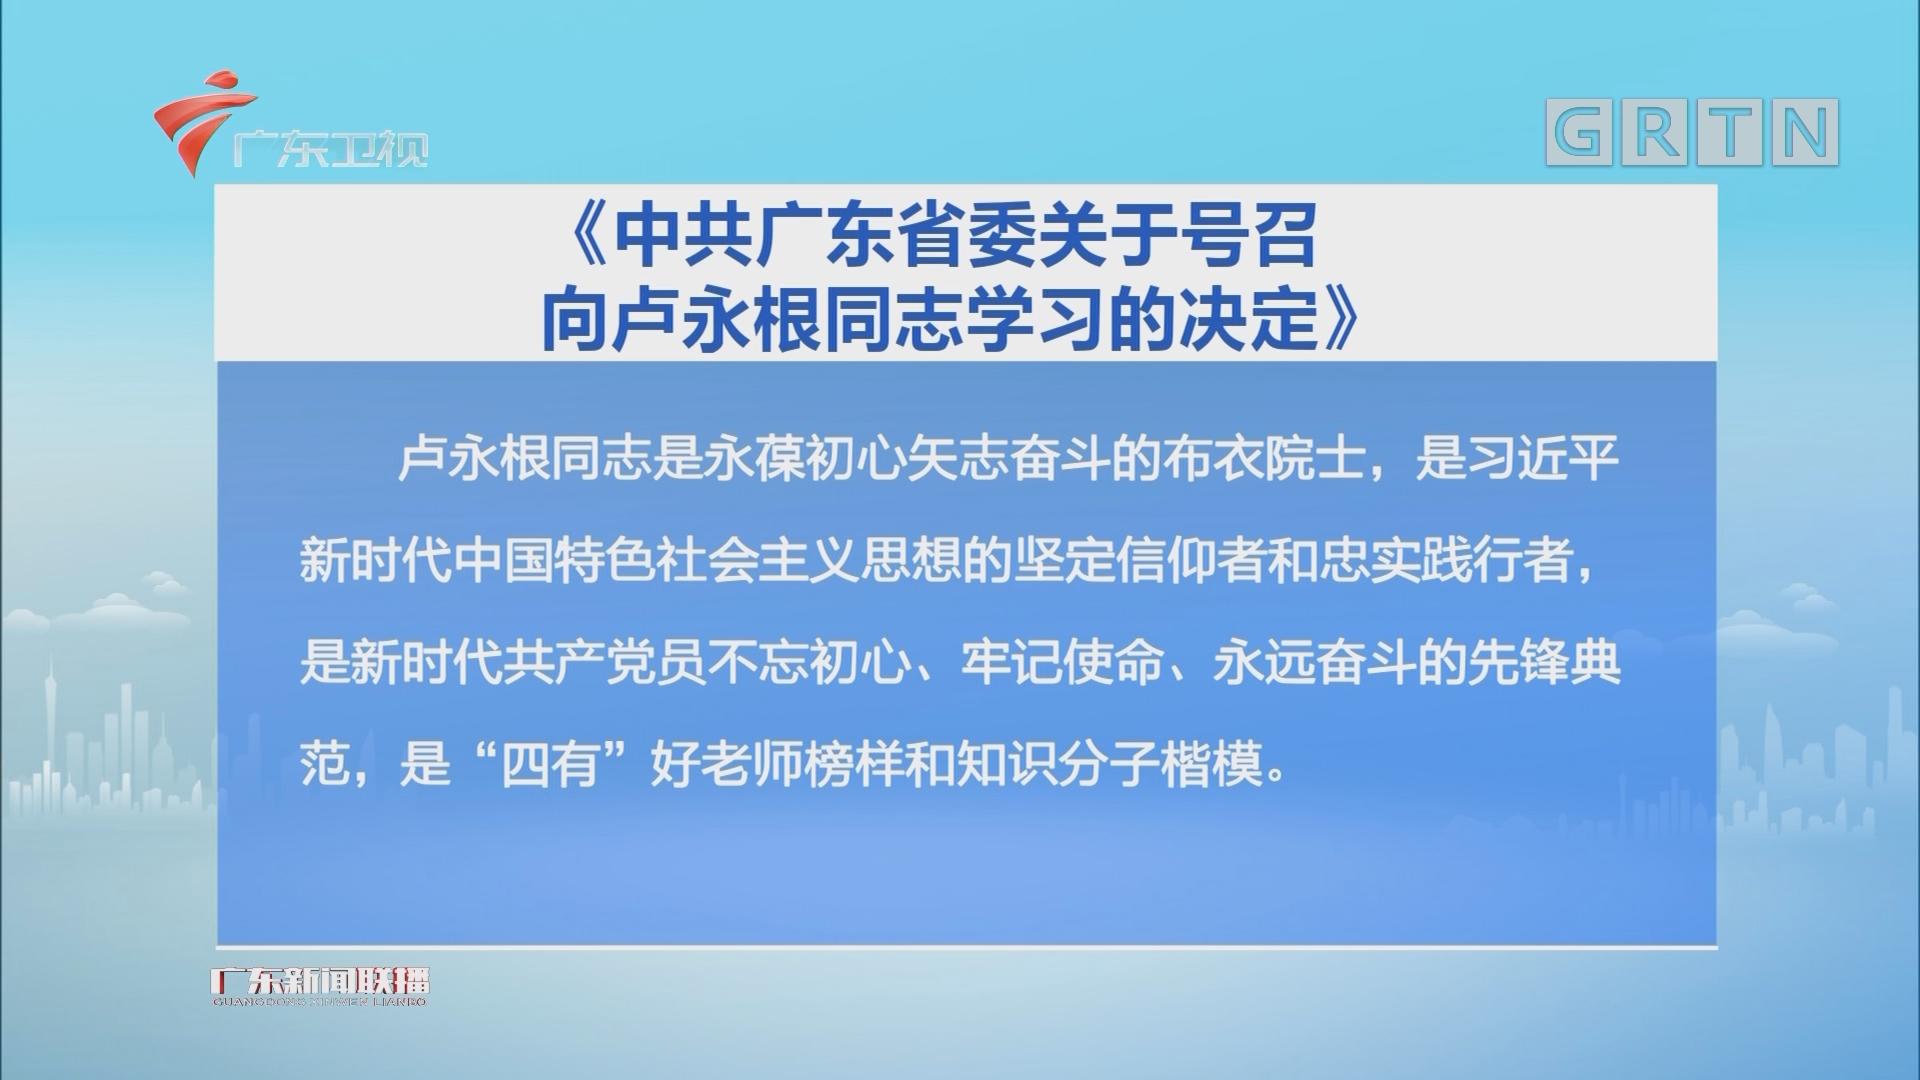 《中共广东省委关于号召向卢永根同志学习的决定》